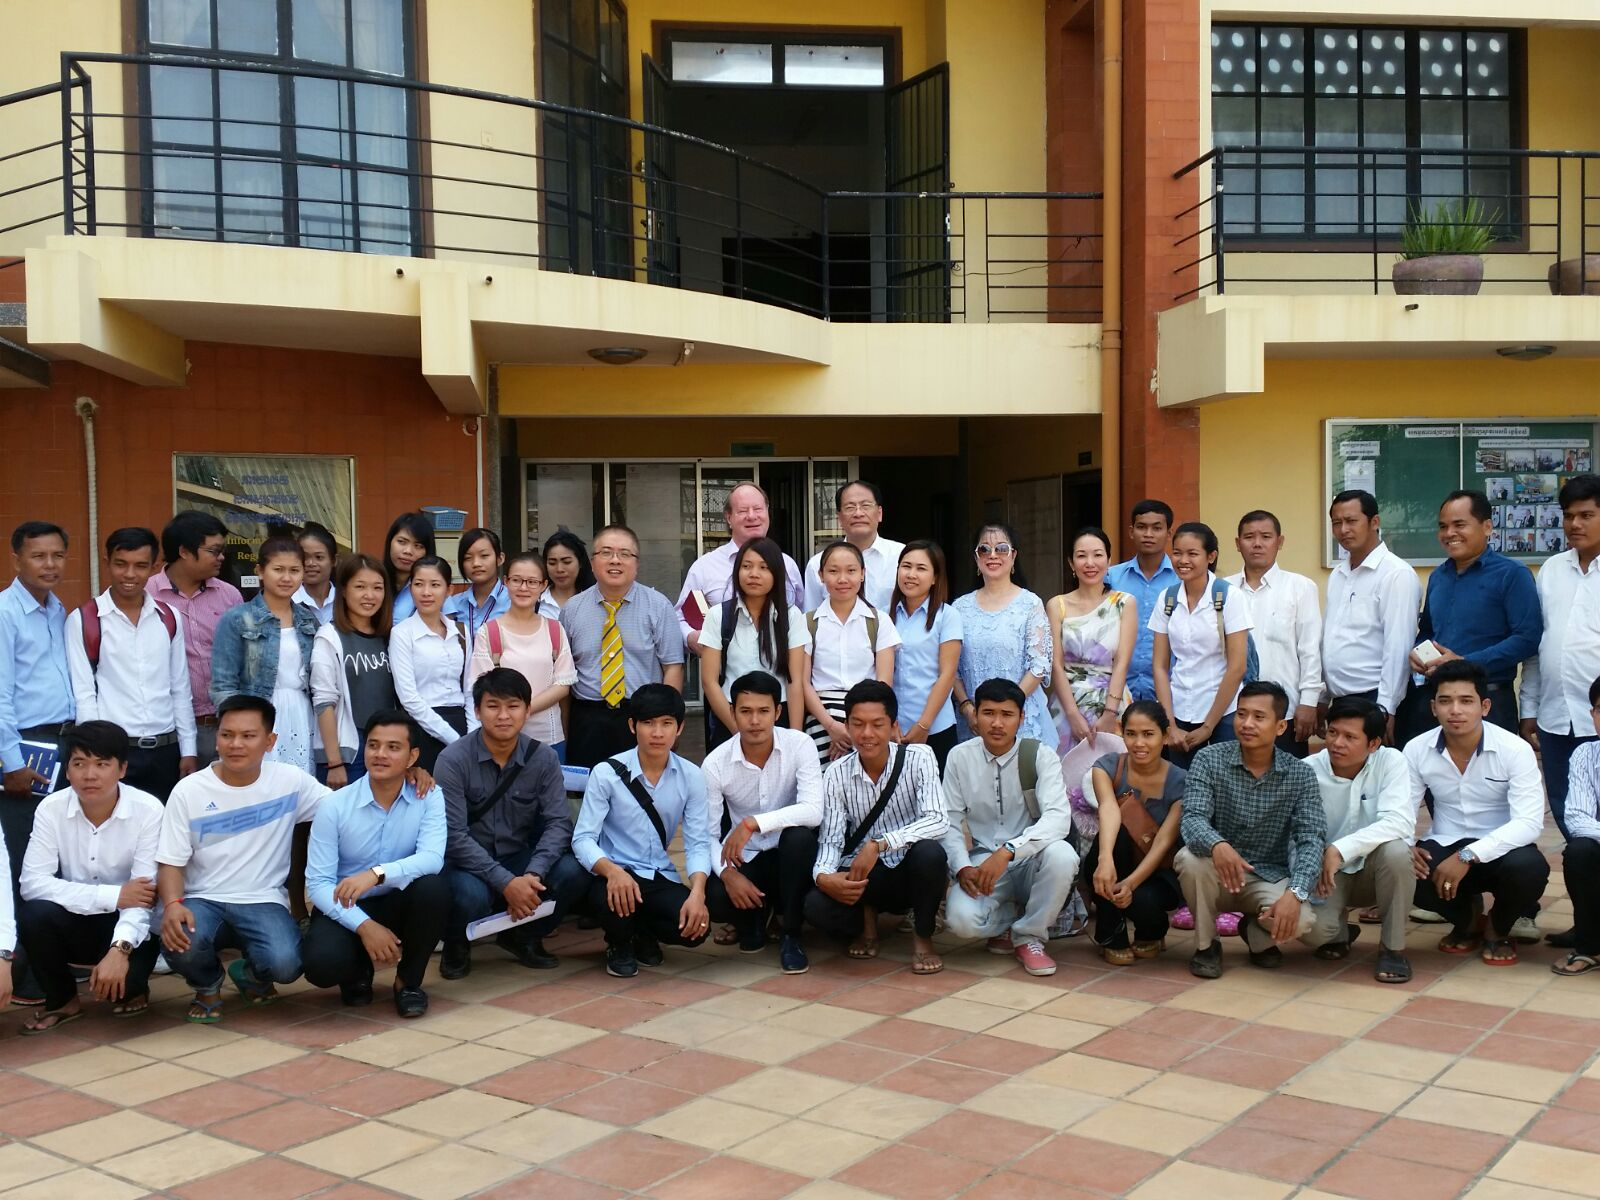 16/06/2016 Dr TK Ho and Dr Ng visiting Cambodia campus.